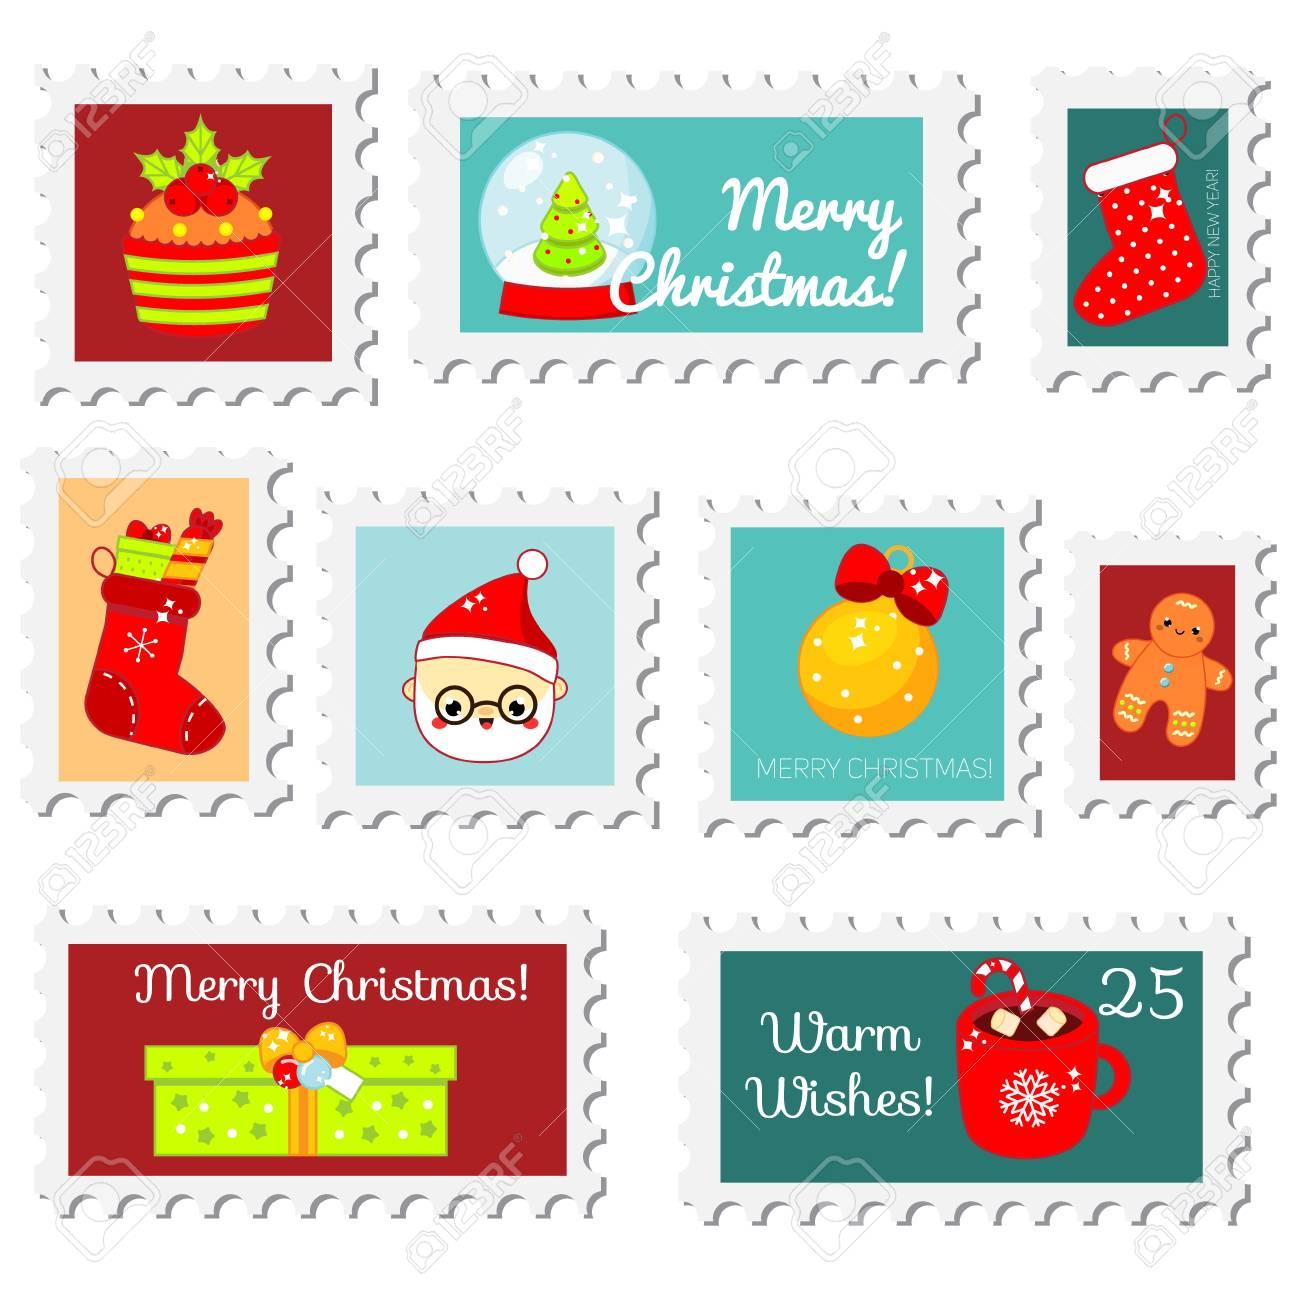 chiristmas postal stamps new